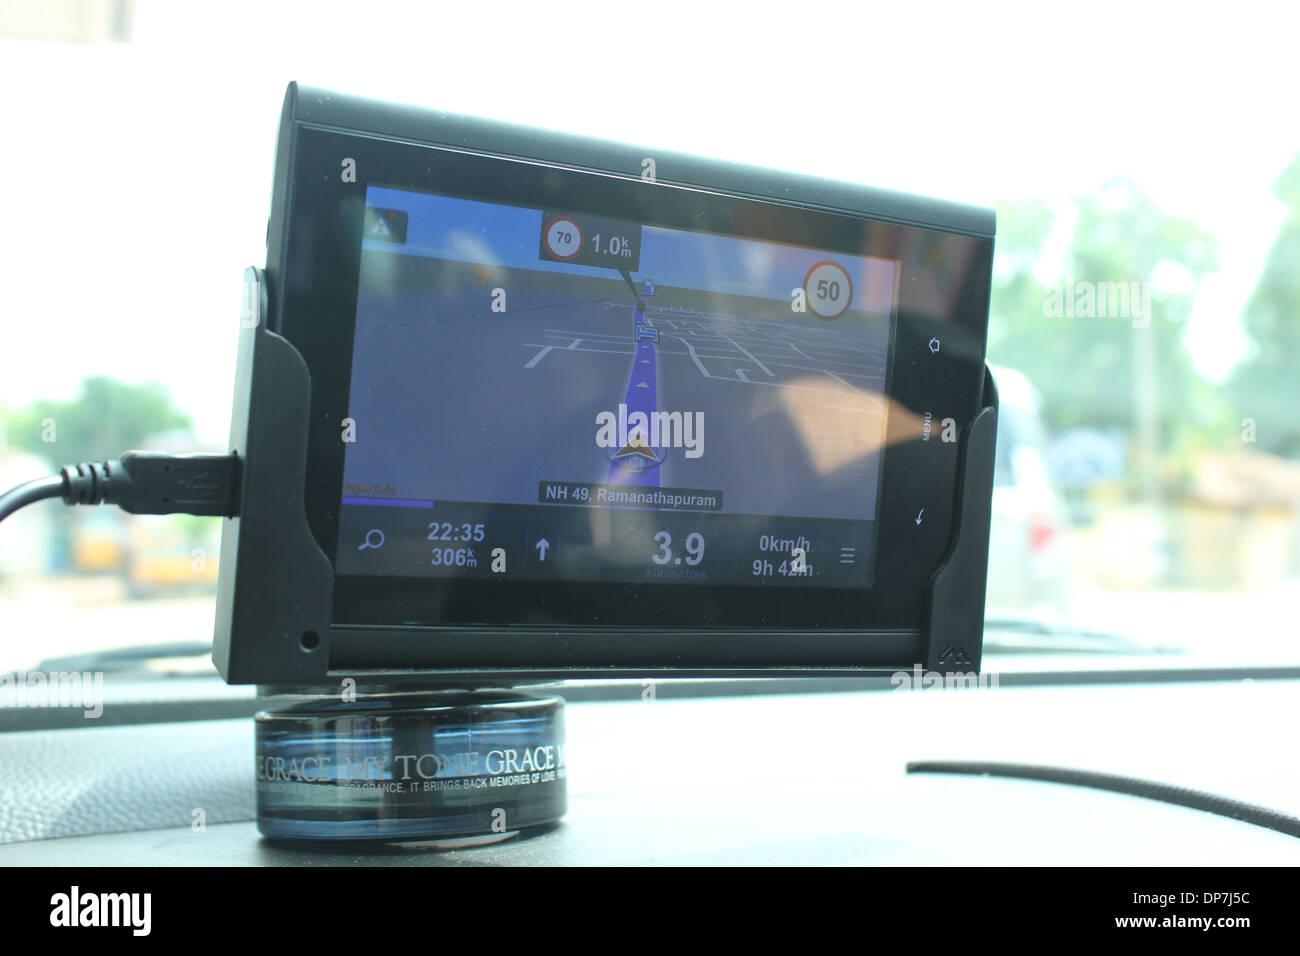 GPS navigation device - Stock Image